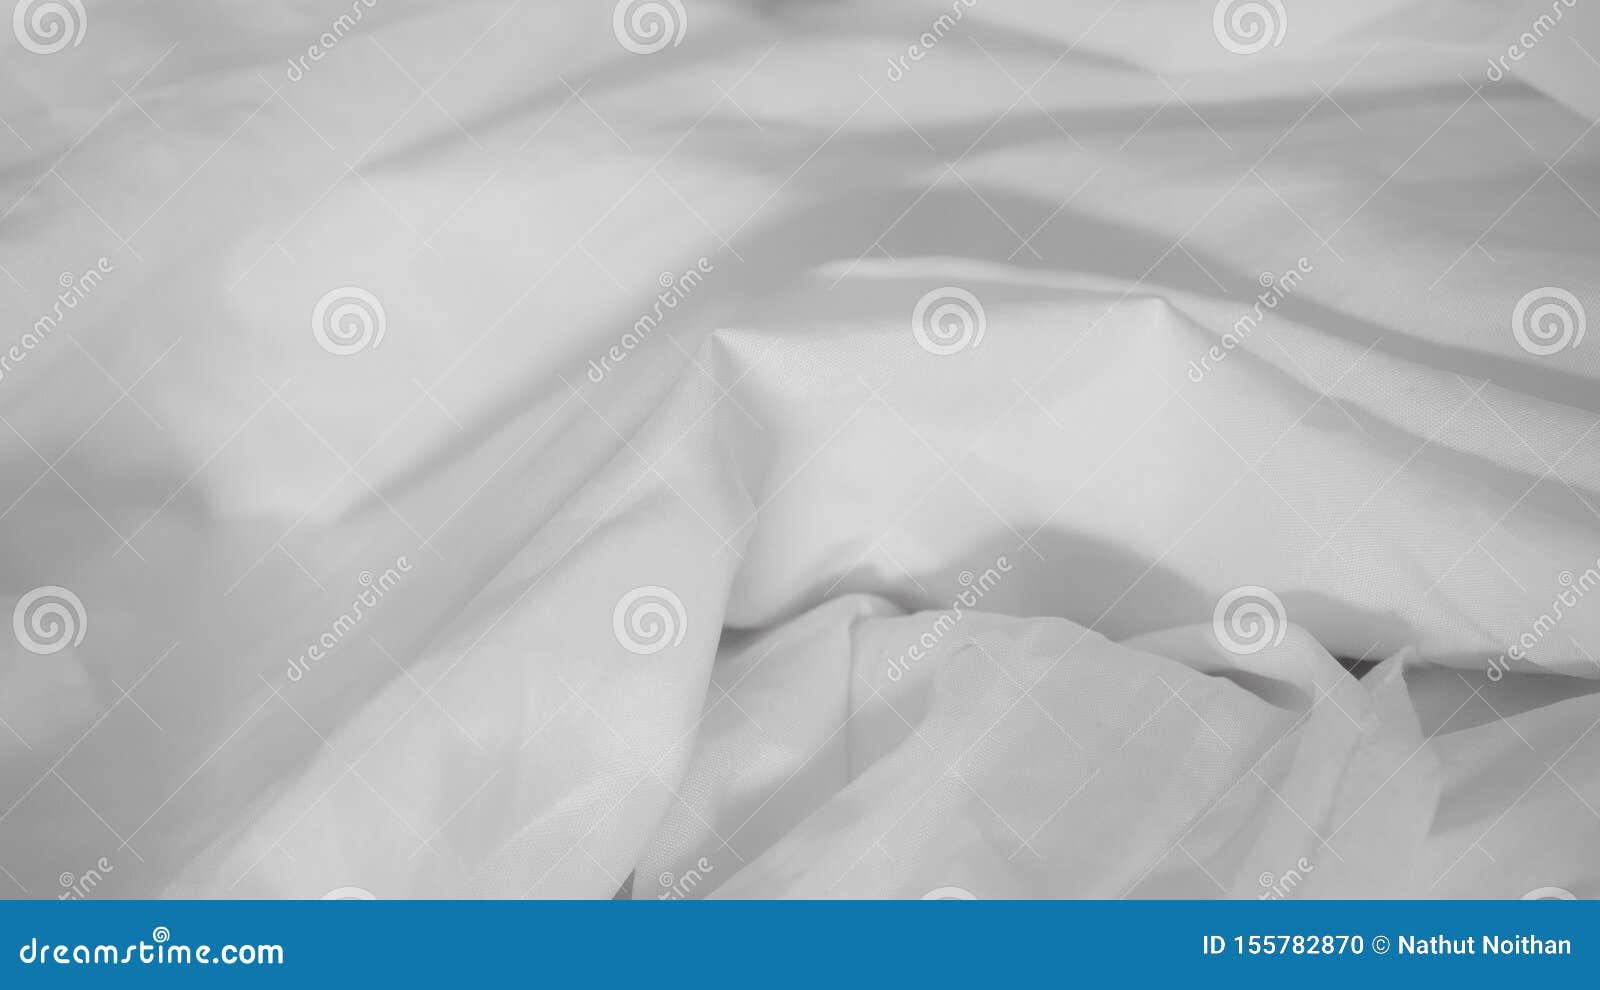 White wrinkled fabric background